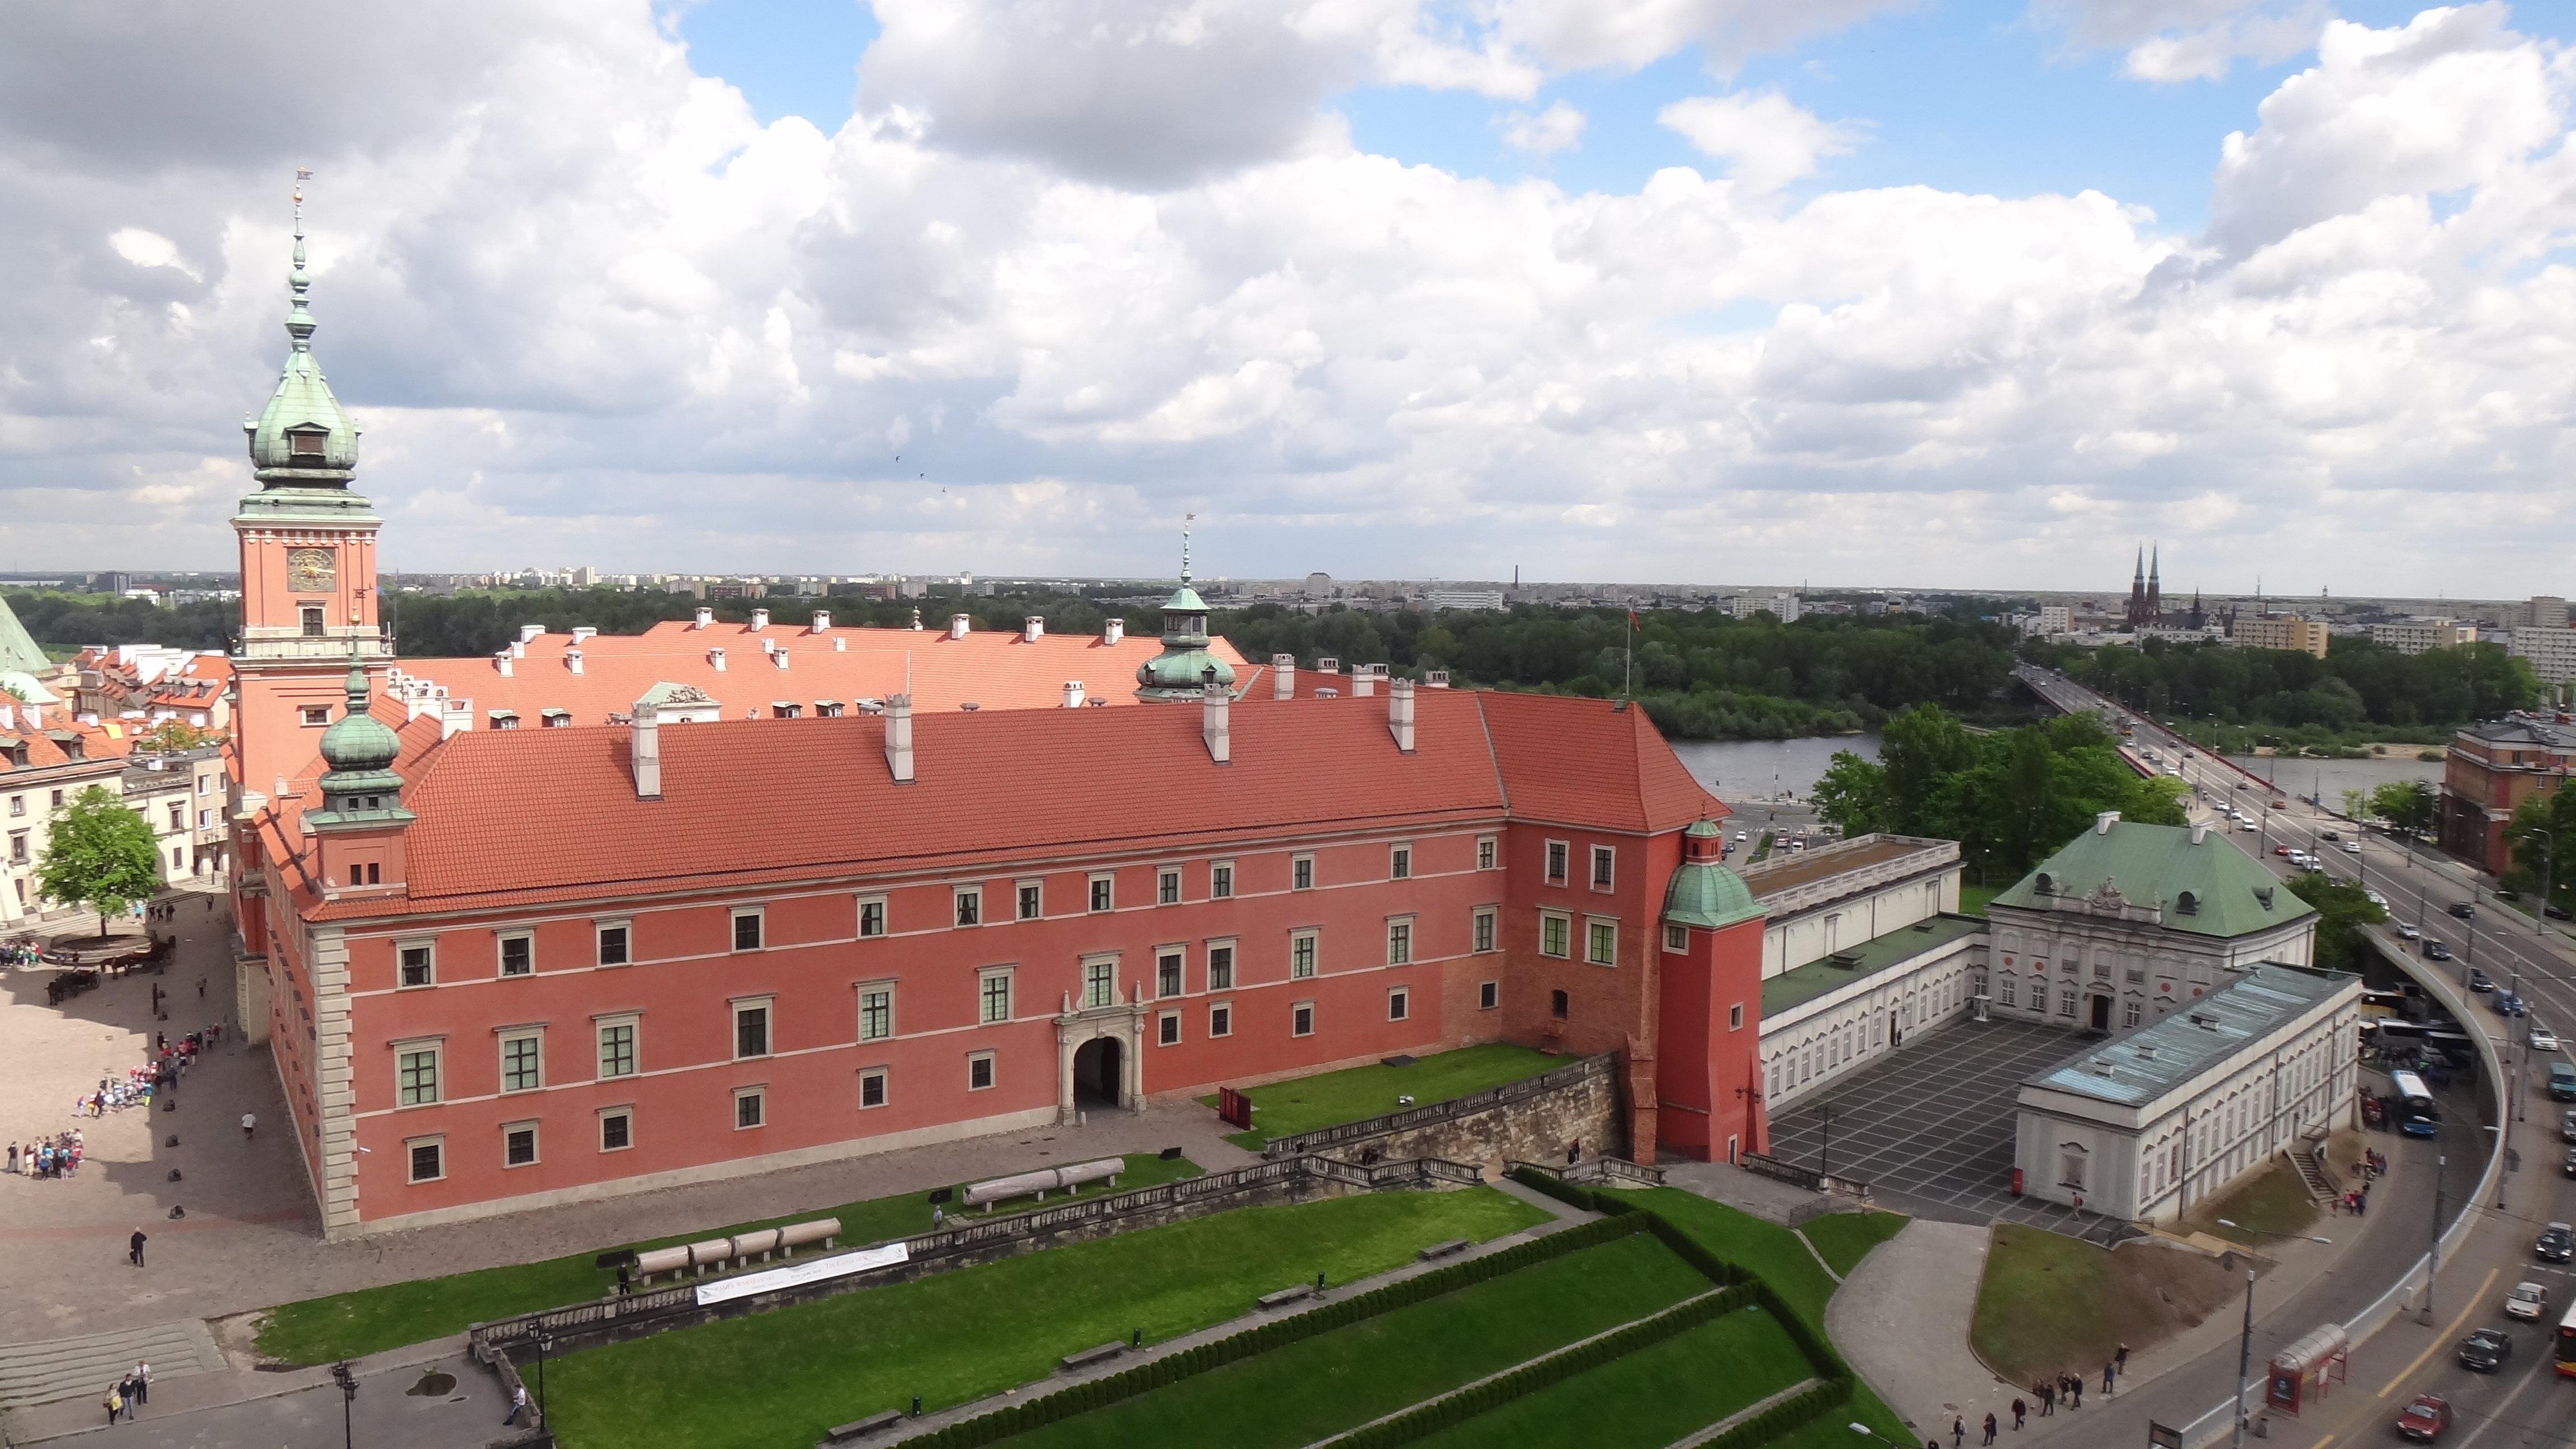 内部装饰比起西欧大国的皇宫稍显逊色图片